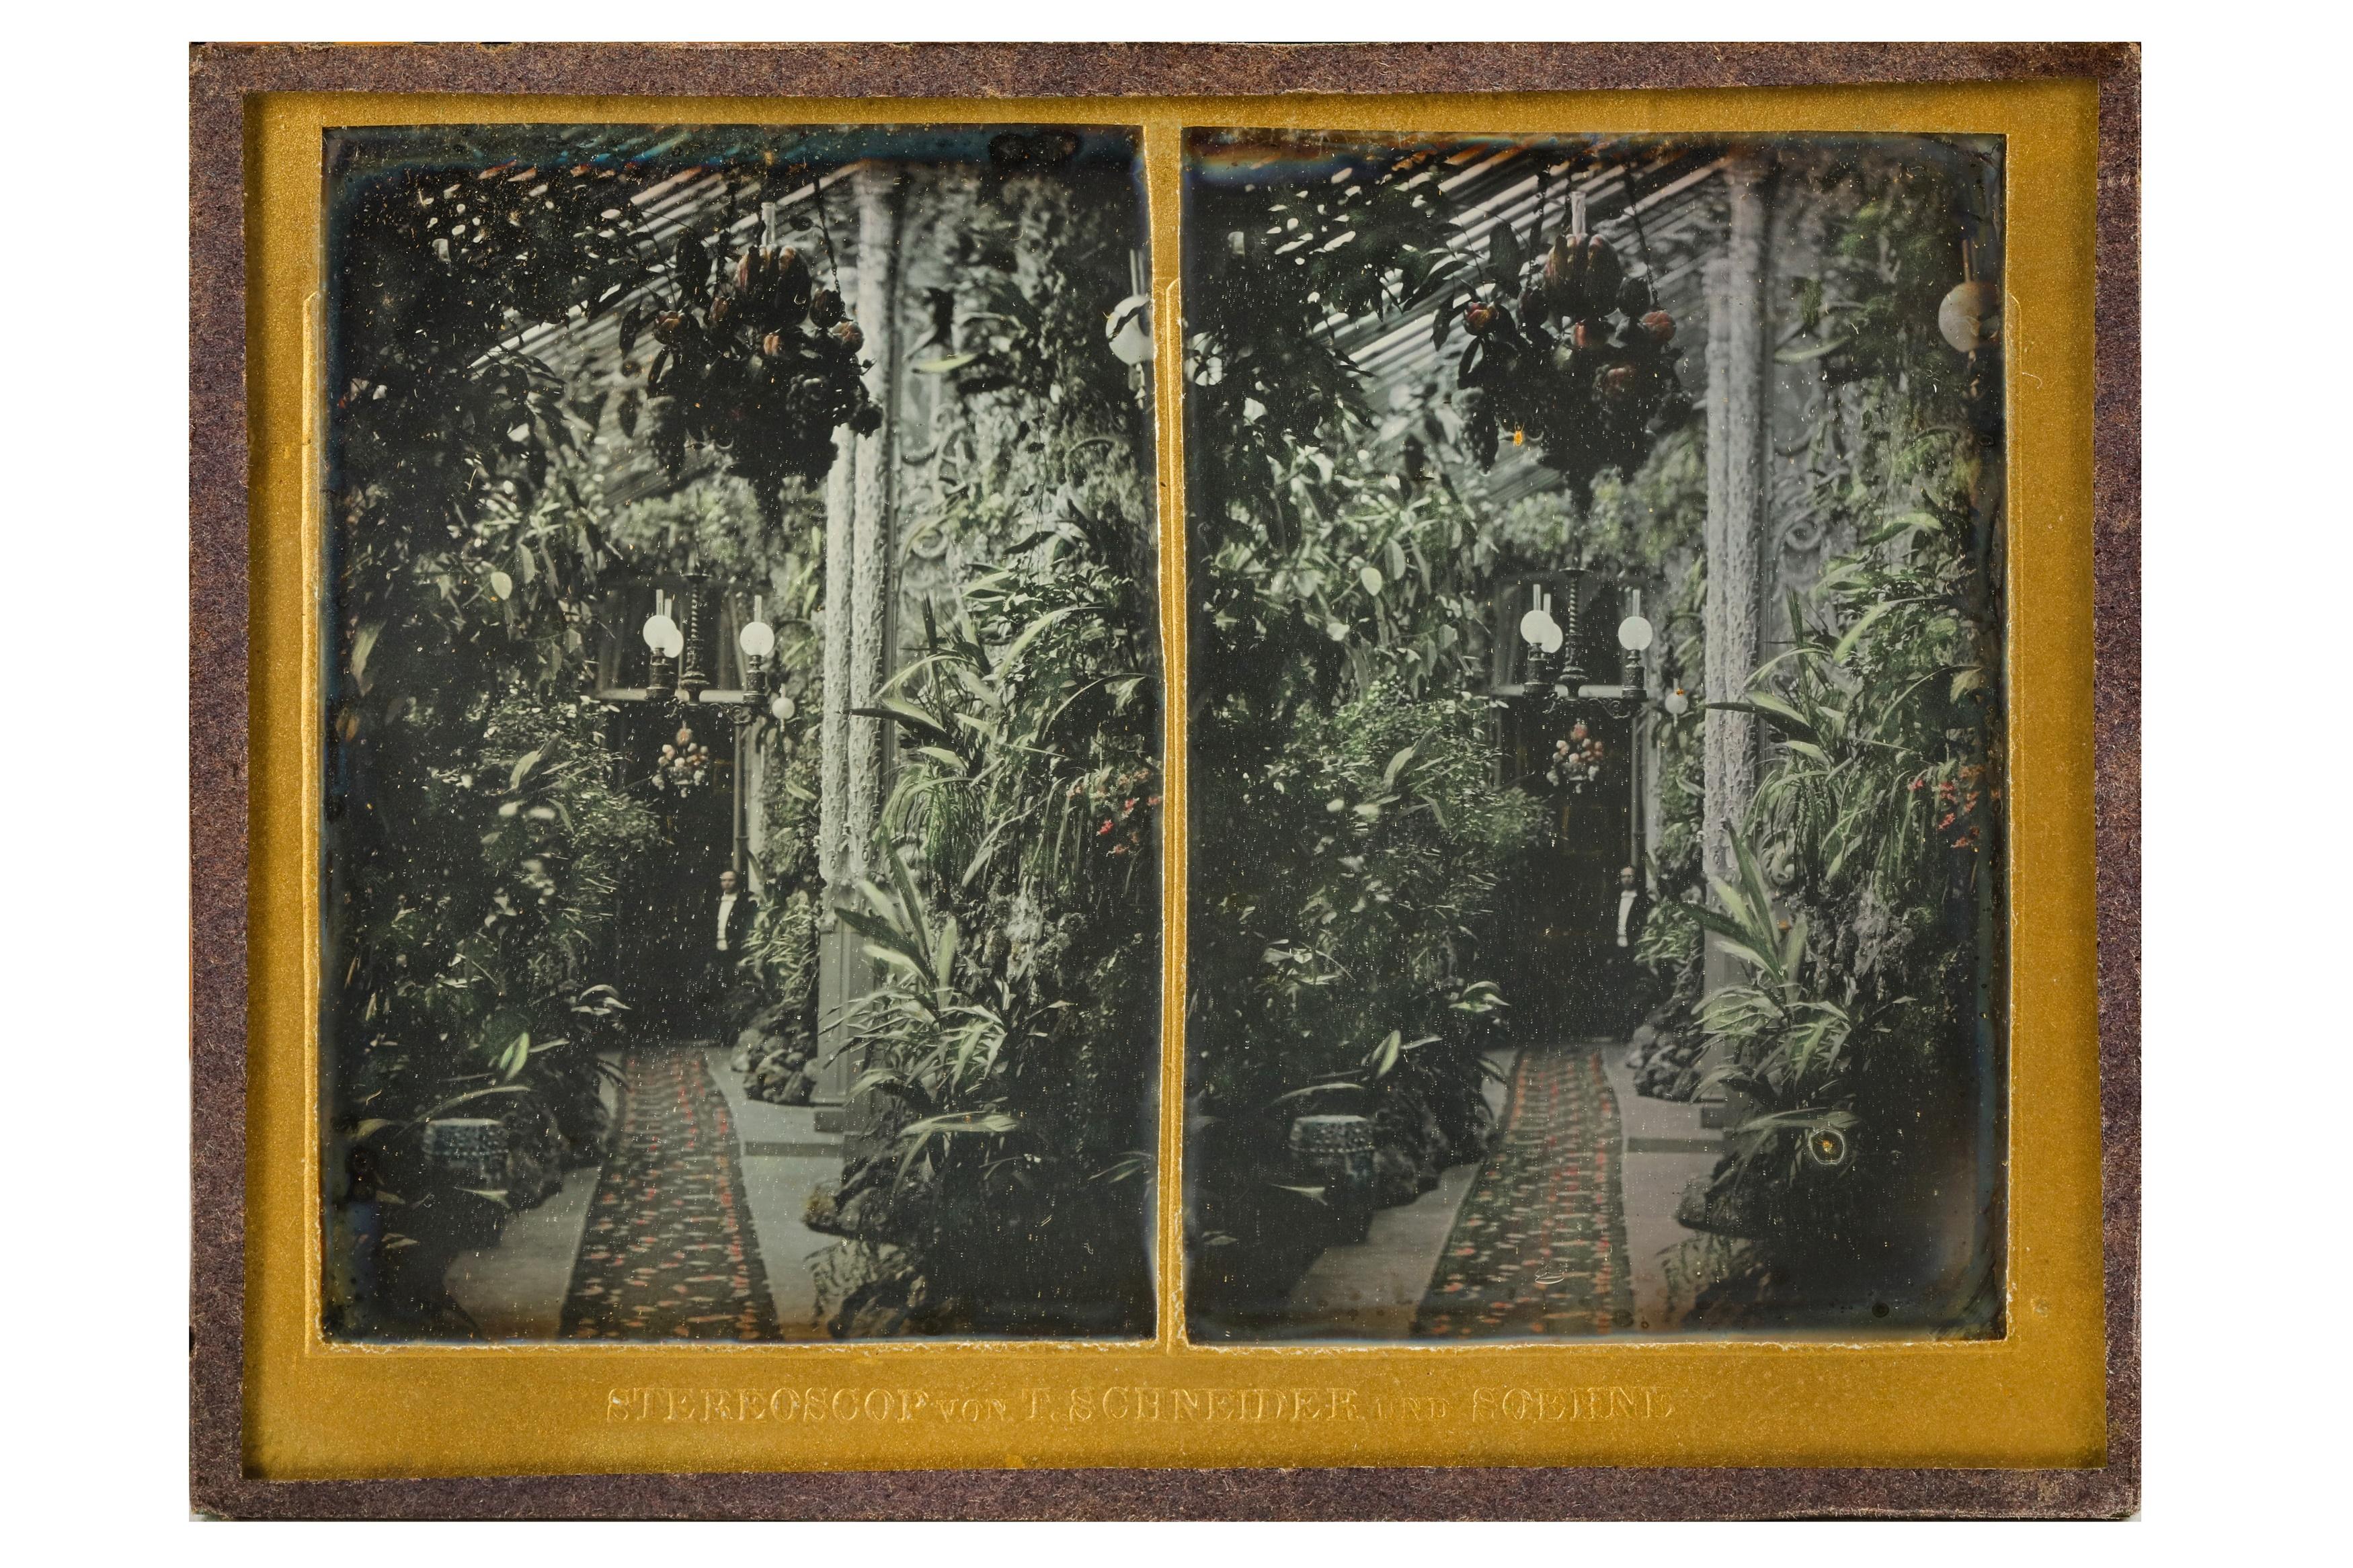 T. SCHNEIDER & SONS (1847-1921) - Image 21 of 22